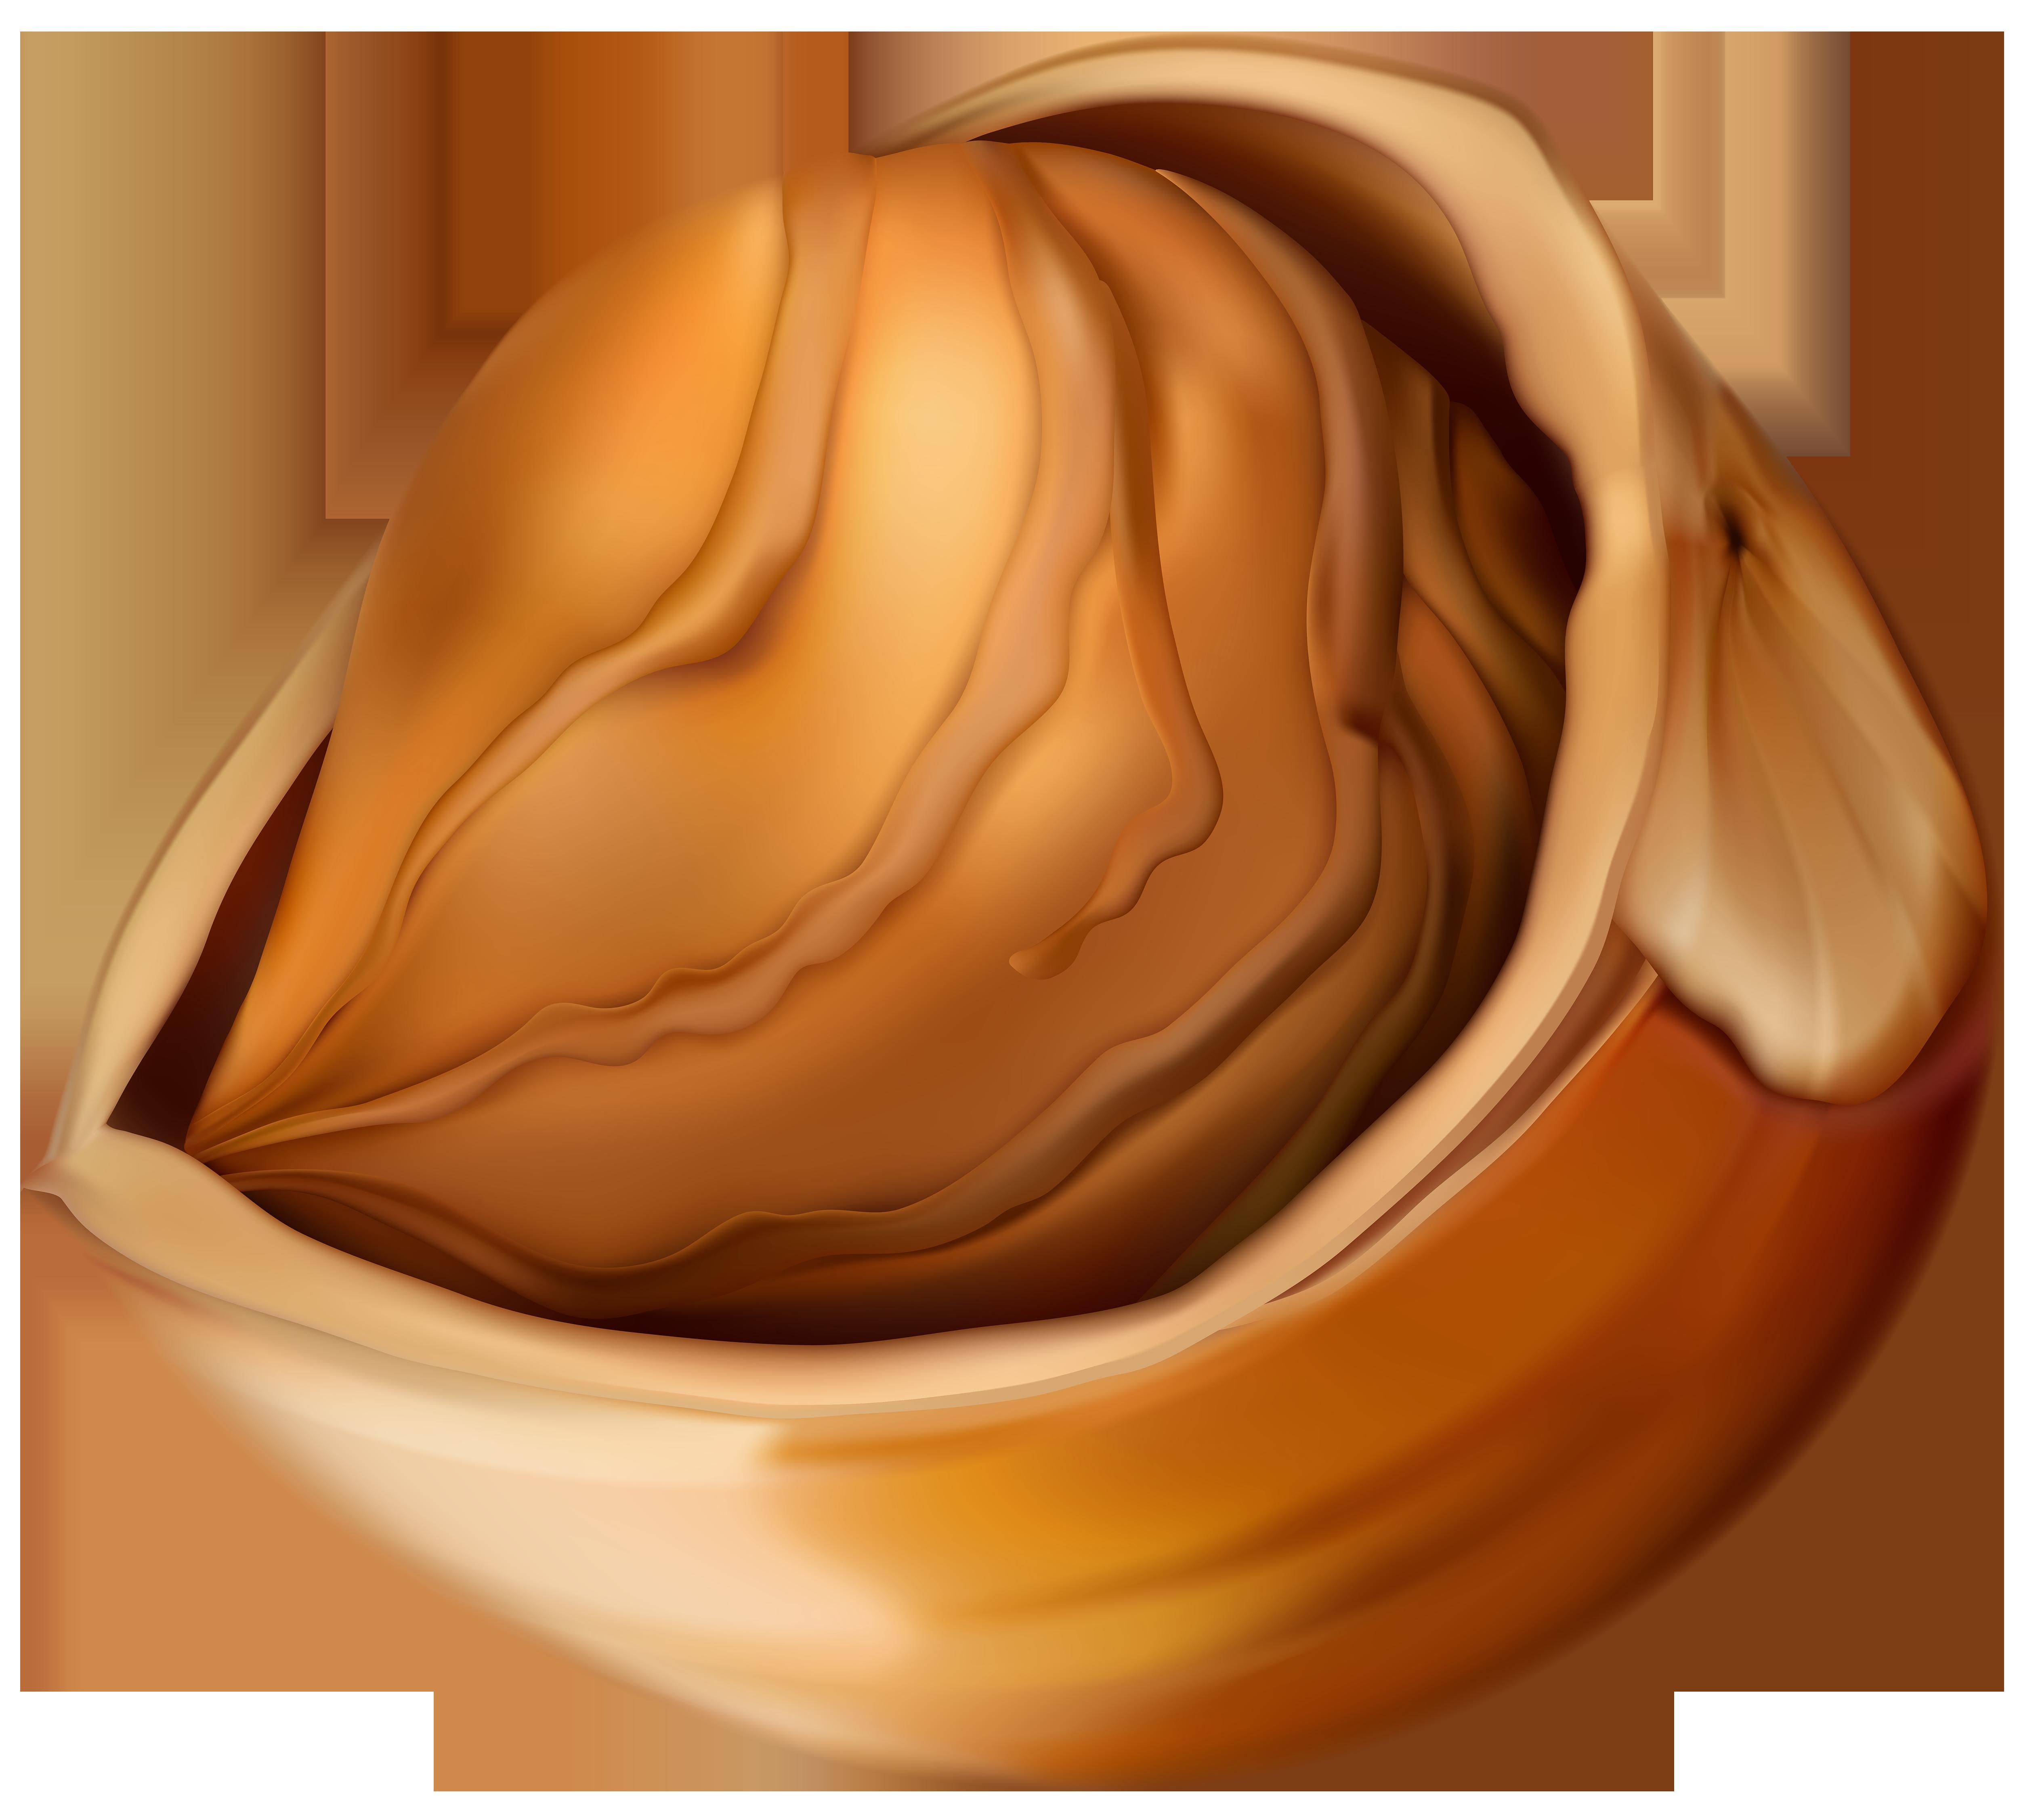 Hazelnut clipart Clip Image Gallery size Yopriceville